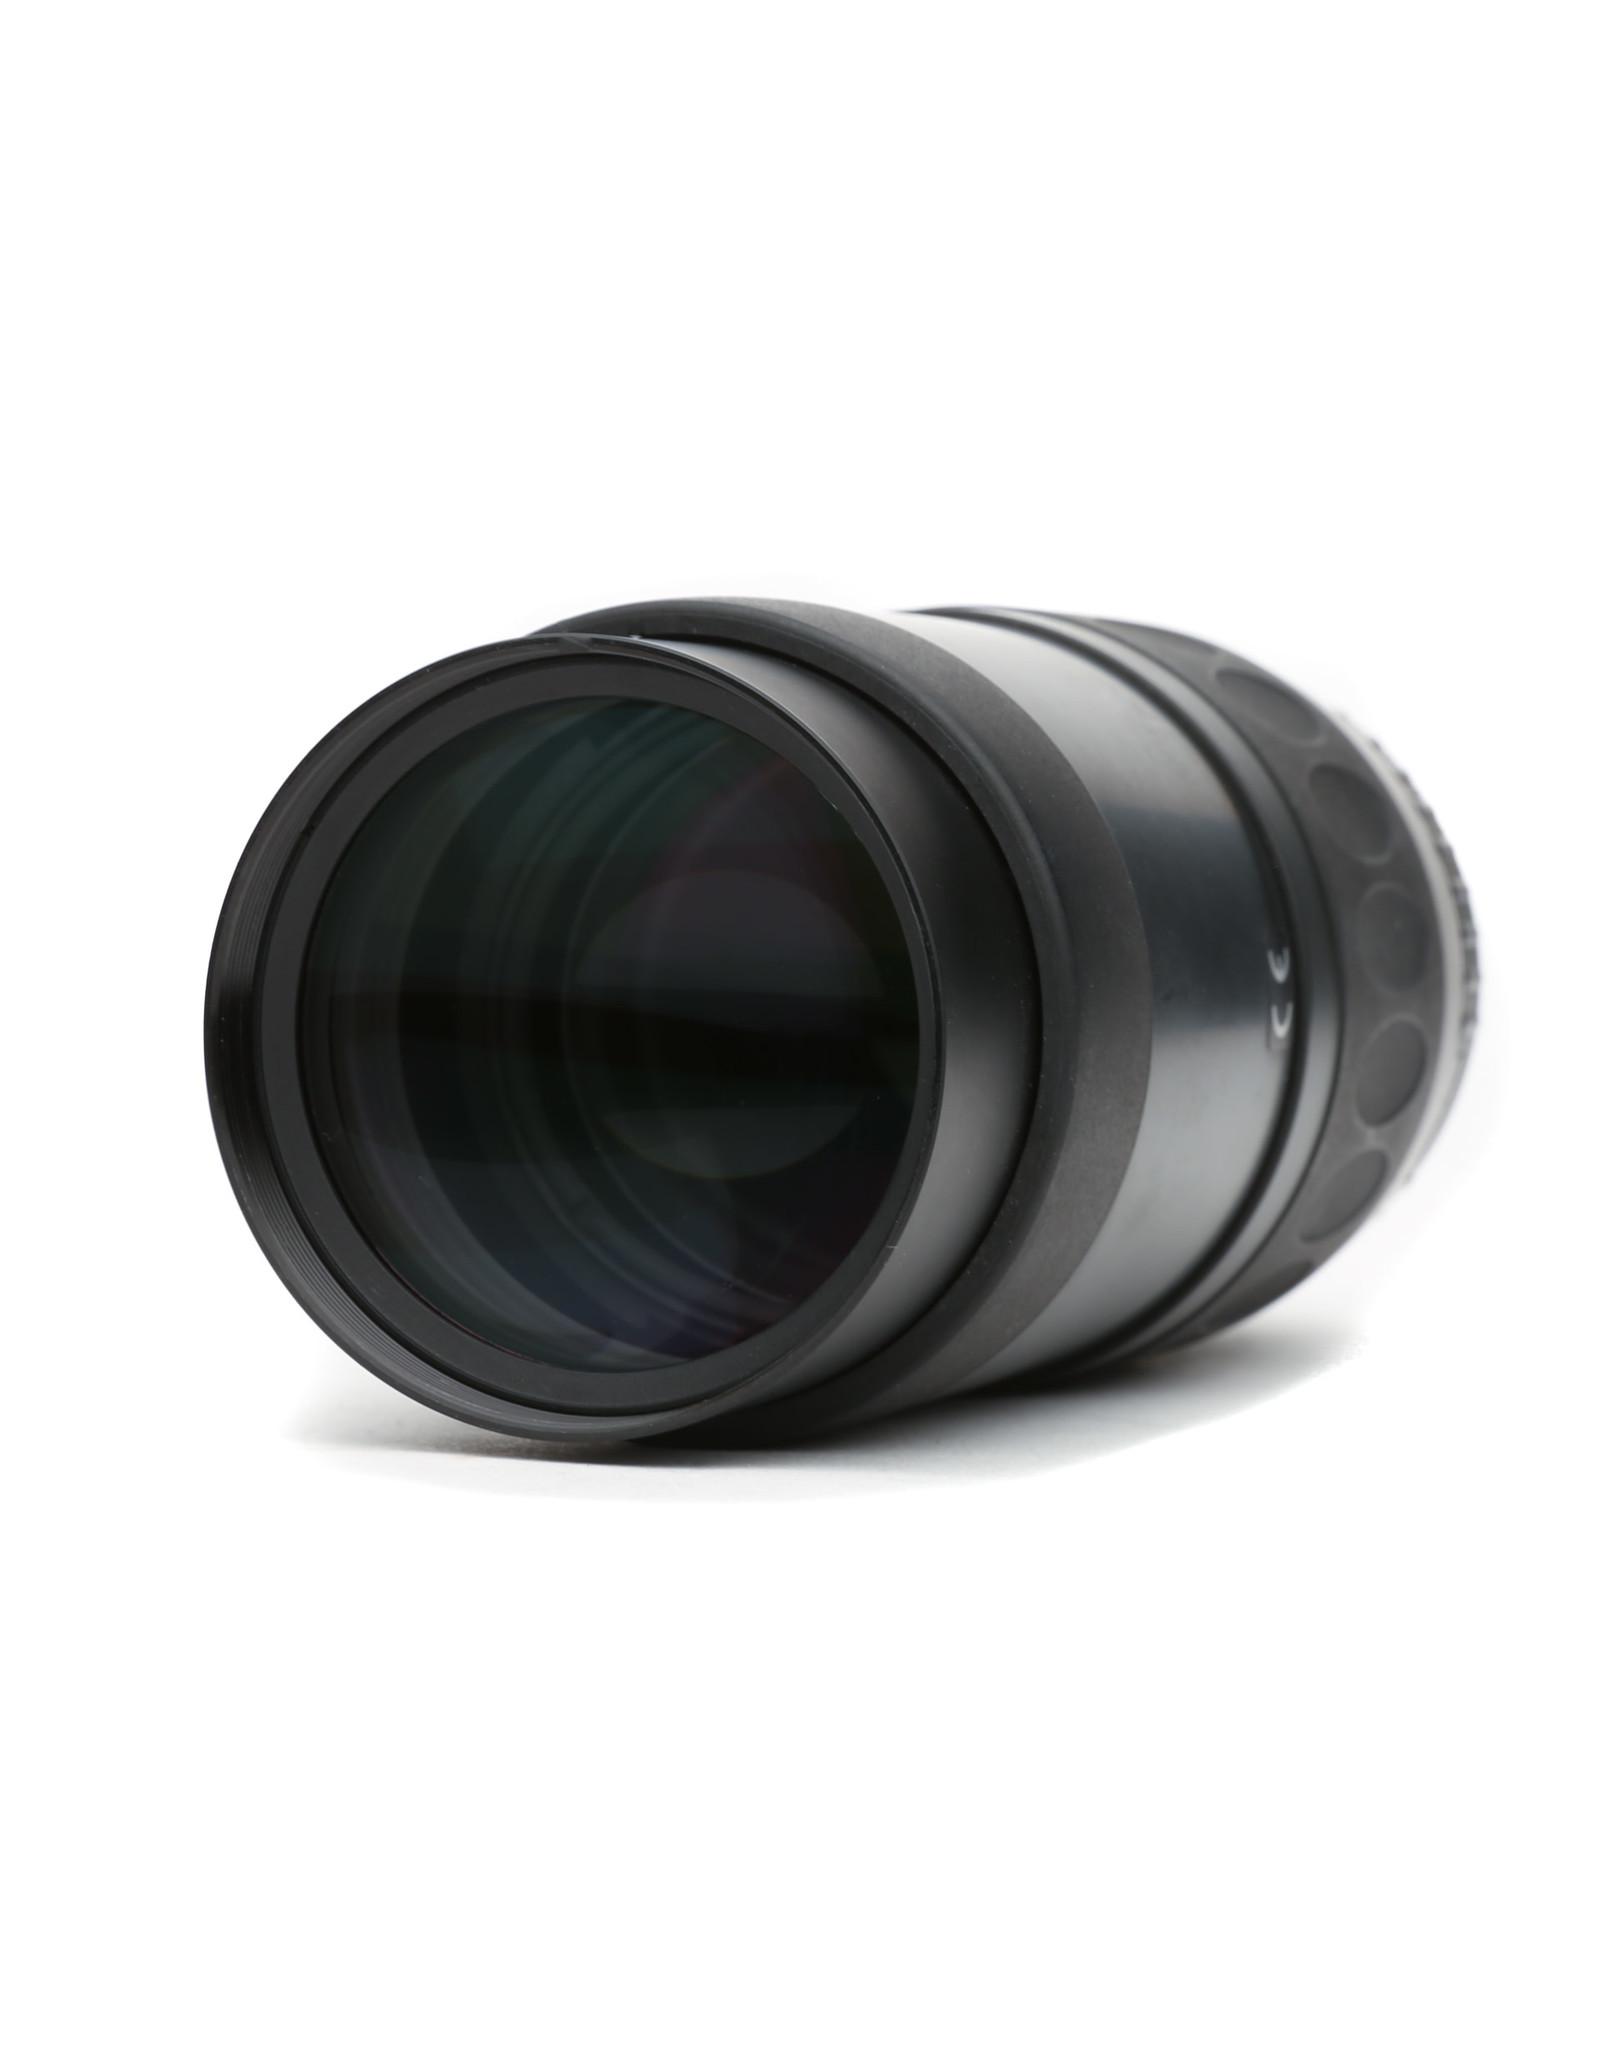 Pentax Pentax 100-300mm f/5.6 Zoom AF Lens